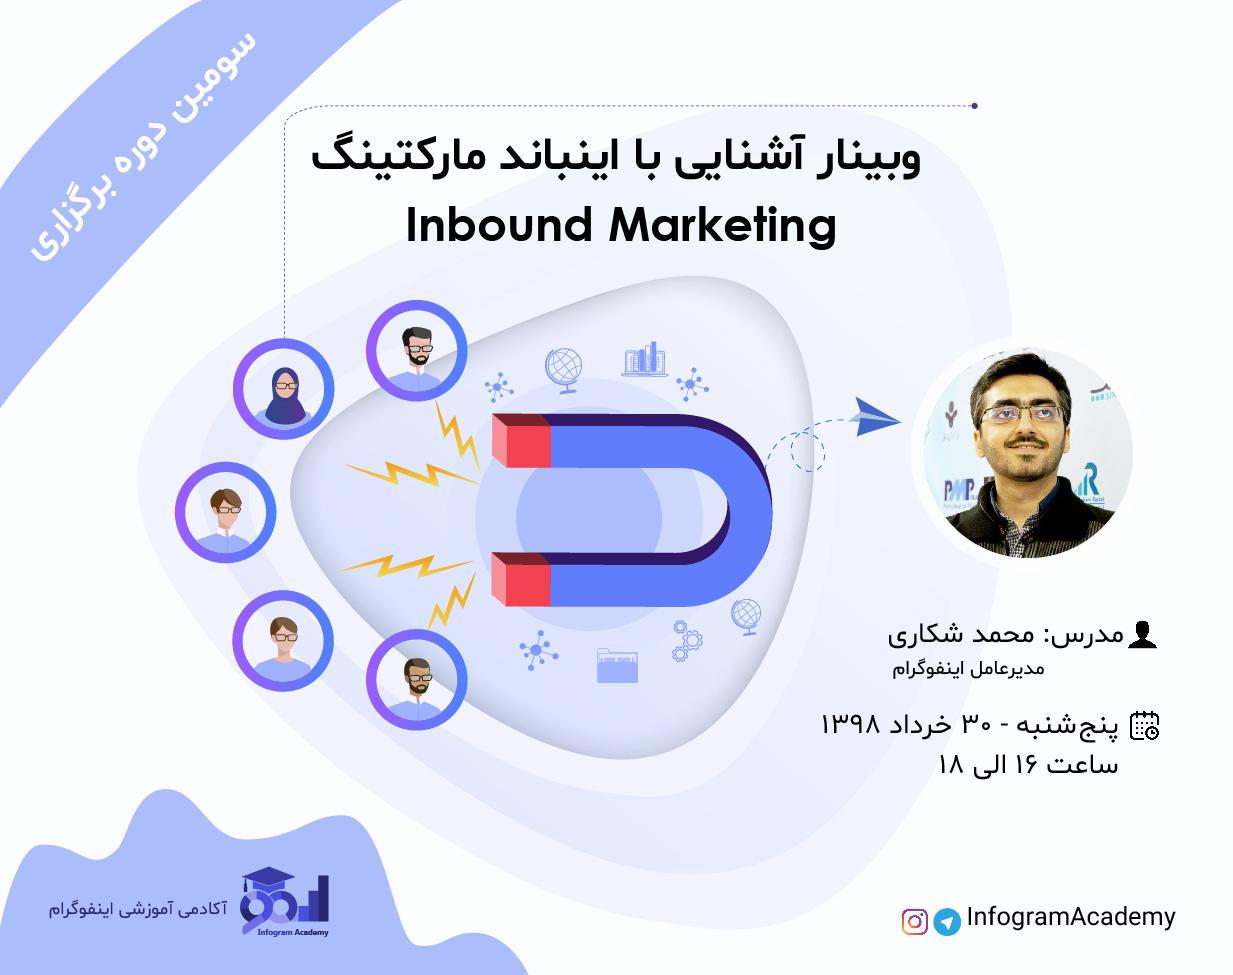 سومين وبینار آشنایی با اینباند مارکتینگ (Inbound Marketing)